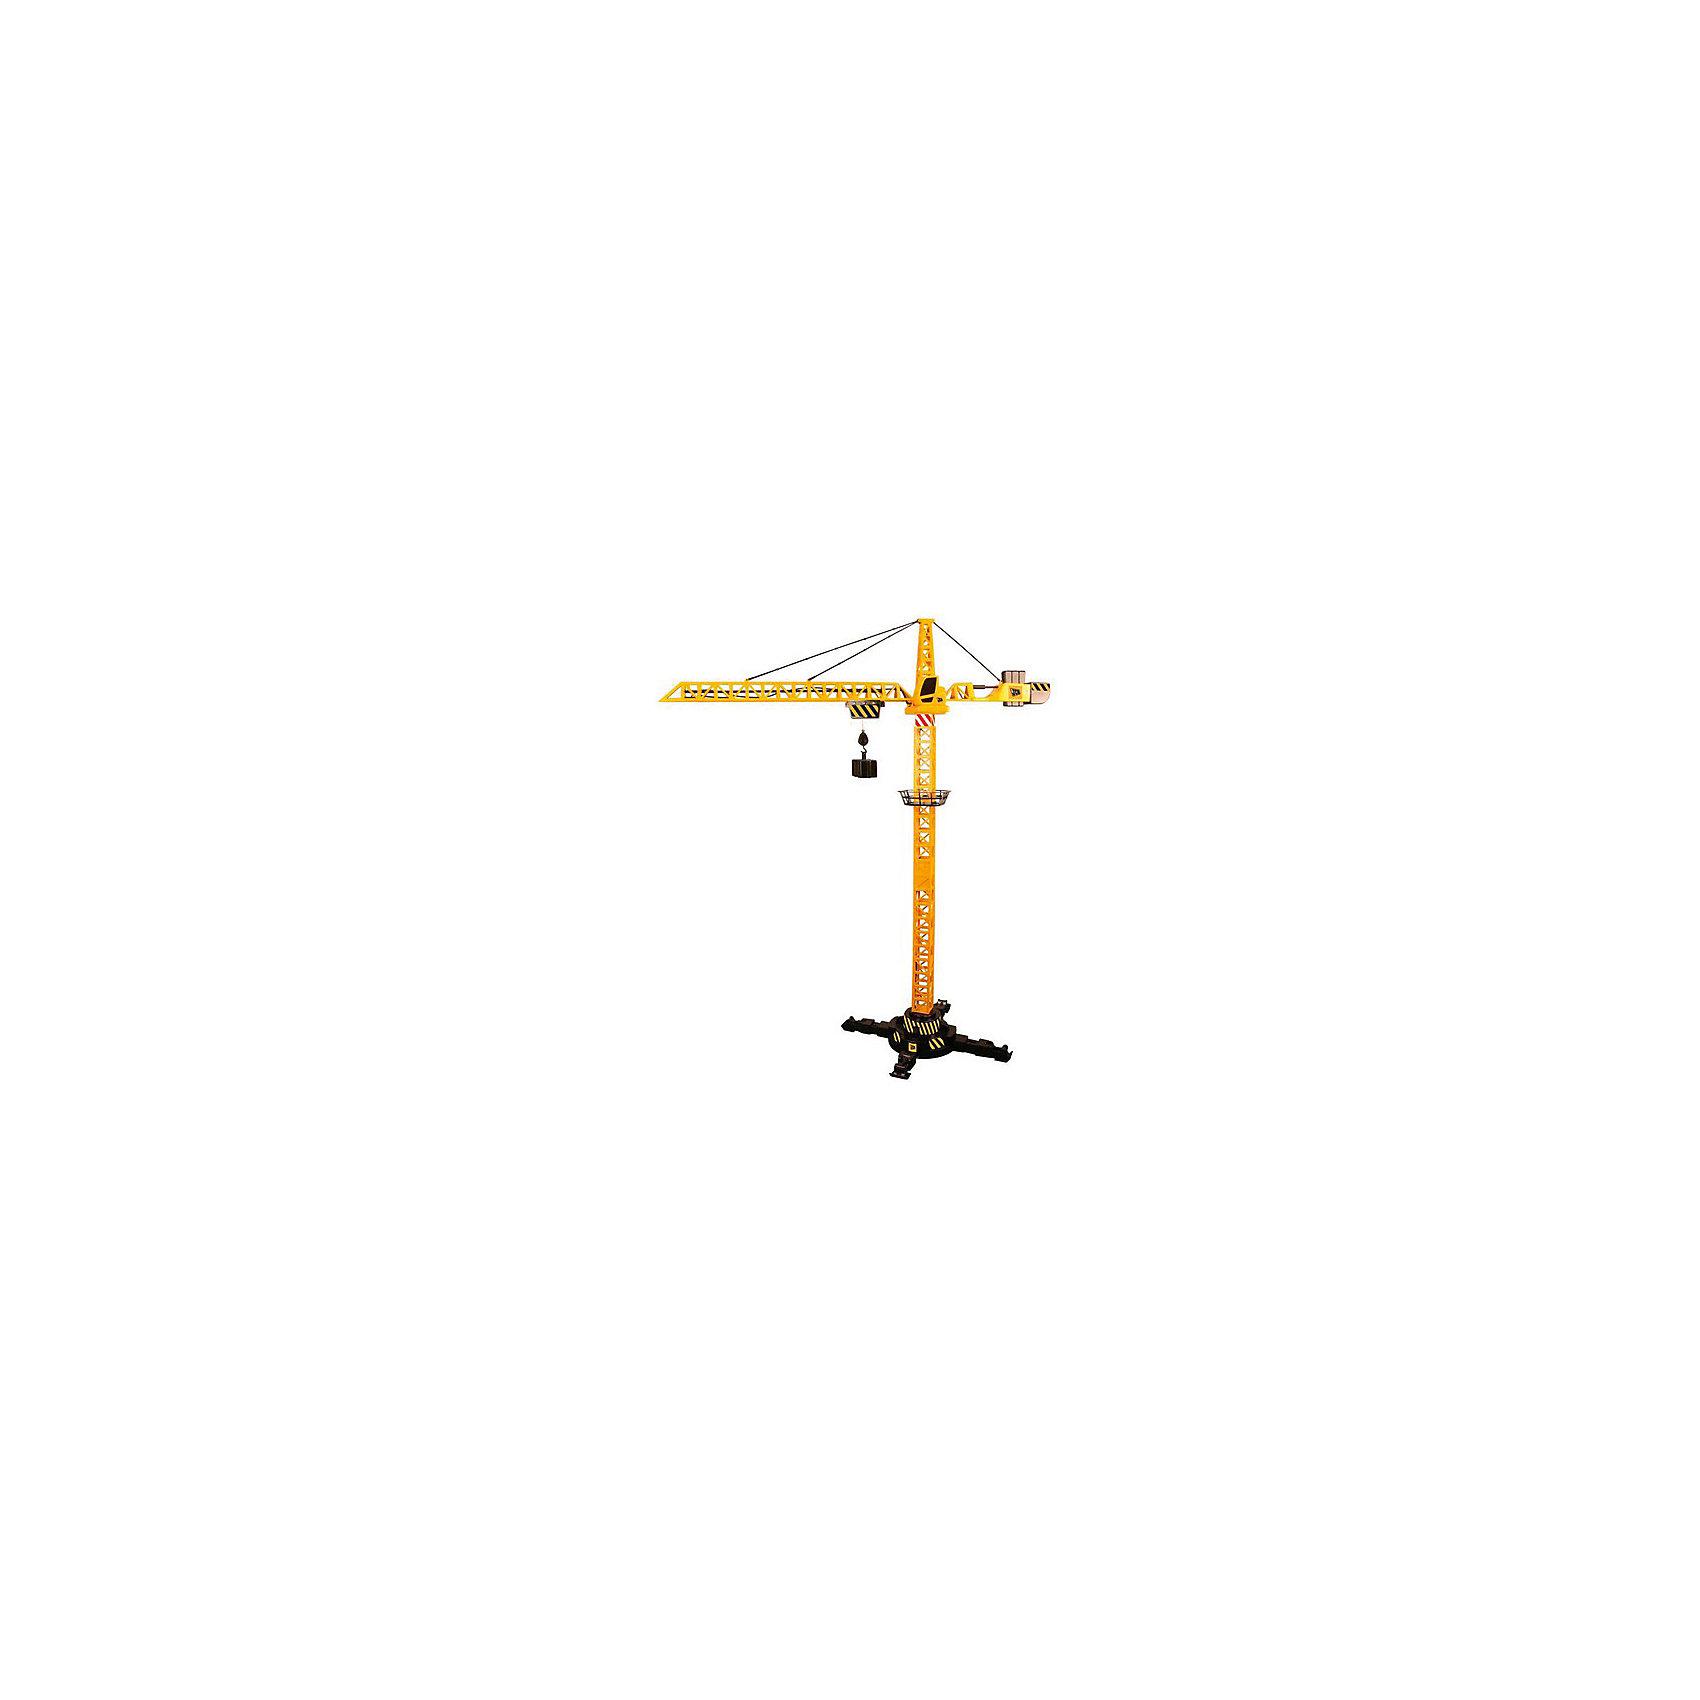 Радиоуправляемый кран, JCBПодъемный кран - незаменимая техника на любой стройке. С радиоуправляемым краном JCB стройплощадка маленького строителя станет еще более реалистичной. Игрушка представляет собой уменьшенную модель настоящей строительной техники от компании JCB, выполненную в высоком качестве и с большим вниманием к деталям. В кране есть все основные функции, которыми обладает реальная машина. С помощью пульта радиоуправления он способен переносить грузы с одного места на другое, поднимать и опускать их на нужную высоту. Кран поворачивается вокруг своей оси, стрела движется вправо/влево. В основании машины расположены опоры, которые обеспечивает ему устойчивость при перемещении грузов.<br>Кран легко и быстро собирается и разбирается - достаточно отцепить три крючка и стрела сложится. В комплект также входят съемные грузы для крана. Ваш ребенок в увлекательной форме познакомится с особенностями работы дорожно-строительной техники и откроет для себя множество новых профессий.<br><br>Дополнительная информация:<br><br>- В комплекте: кран, пульт управления, ведро для груза, поддон, груз в виде блока.<br>- Материал: высококачественный пластик.<br>- Требуются батарейки: 3 х 1,5V AA (в комплект не входят).<br>- Высота крана: 120 см.<br>- Размер упаковки: 77 х 47 х 13 см.<br>- Вес: 1,697 кг.<br><br>Радиоуправляемый кран, JCB, можно купить в нашем интернет-магазине.<br><br>Ширина мм: 470<br>Глубина мм: 130<br>Высота мм: 590<br>Вес г: 1697<br>Возраст от месяцев: 36<br>Возраст до месяцев: 96<br>Пол: Мужской<br>Возраст: Детский<br>SKU: 4244450